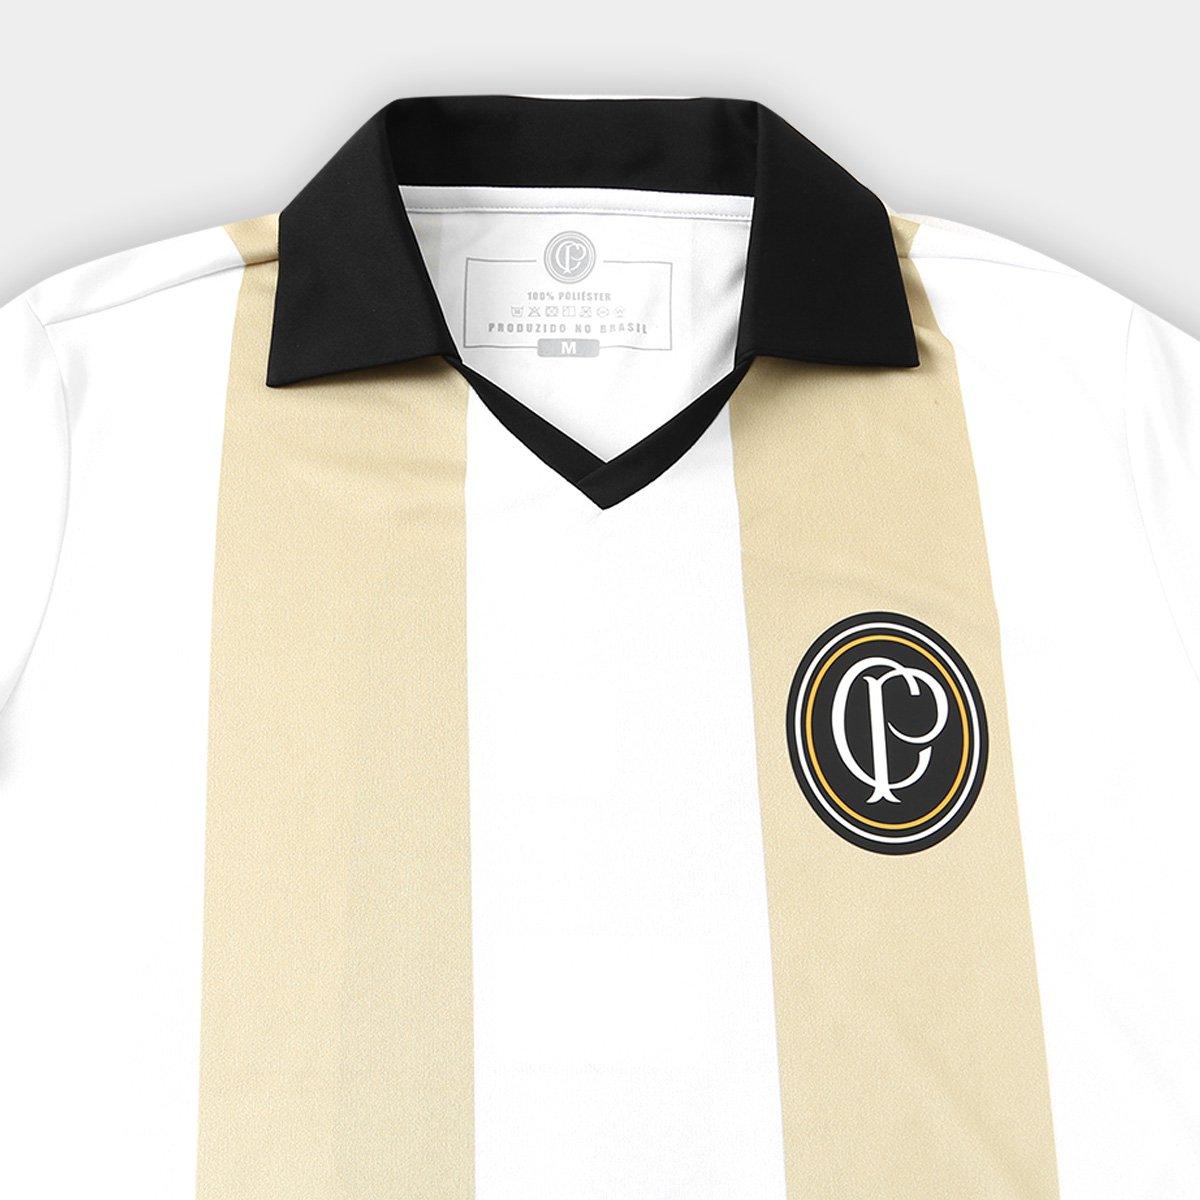 c10ba93c67 Camisa Corinthians n° 9 Centenário - Edição Limitada Masculina ...